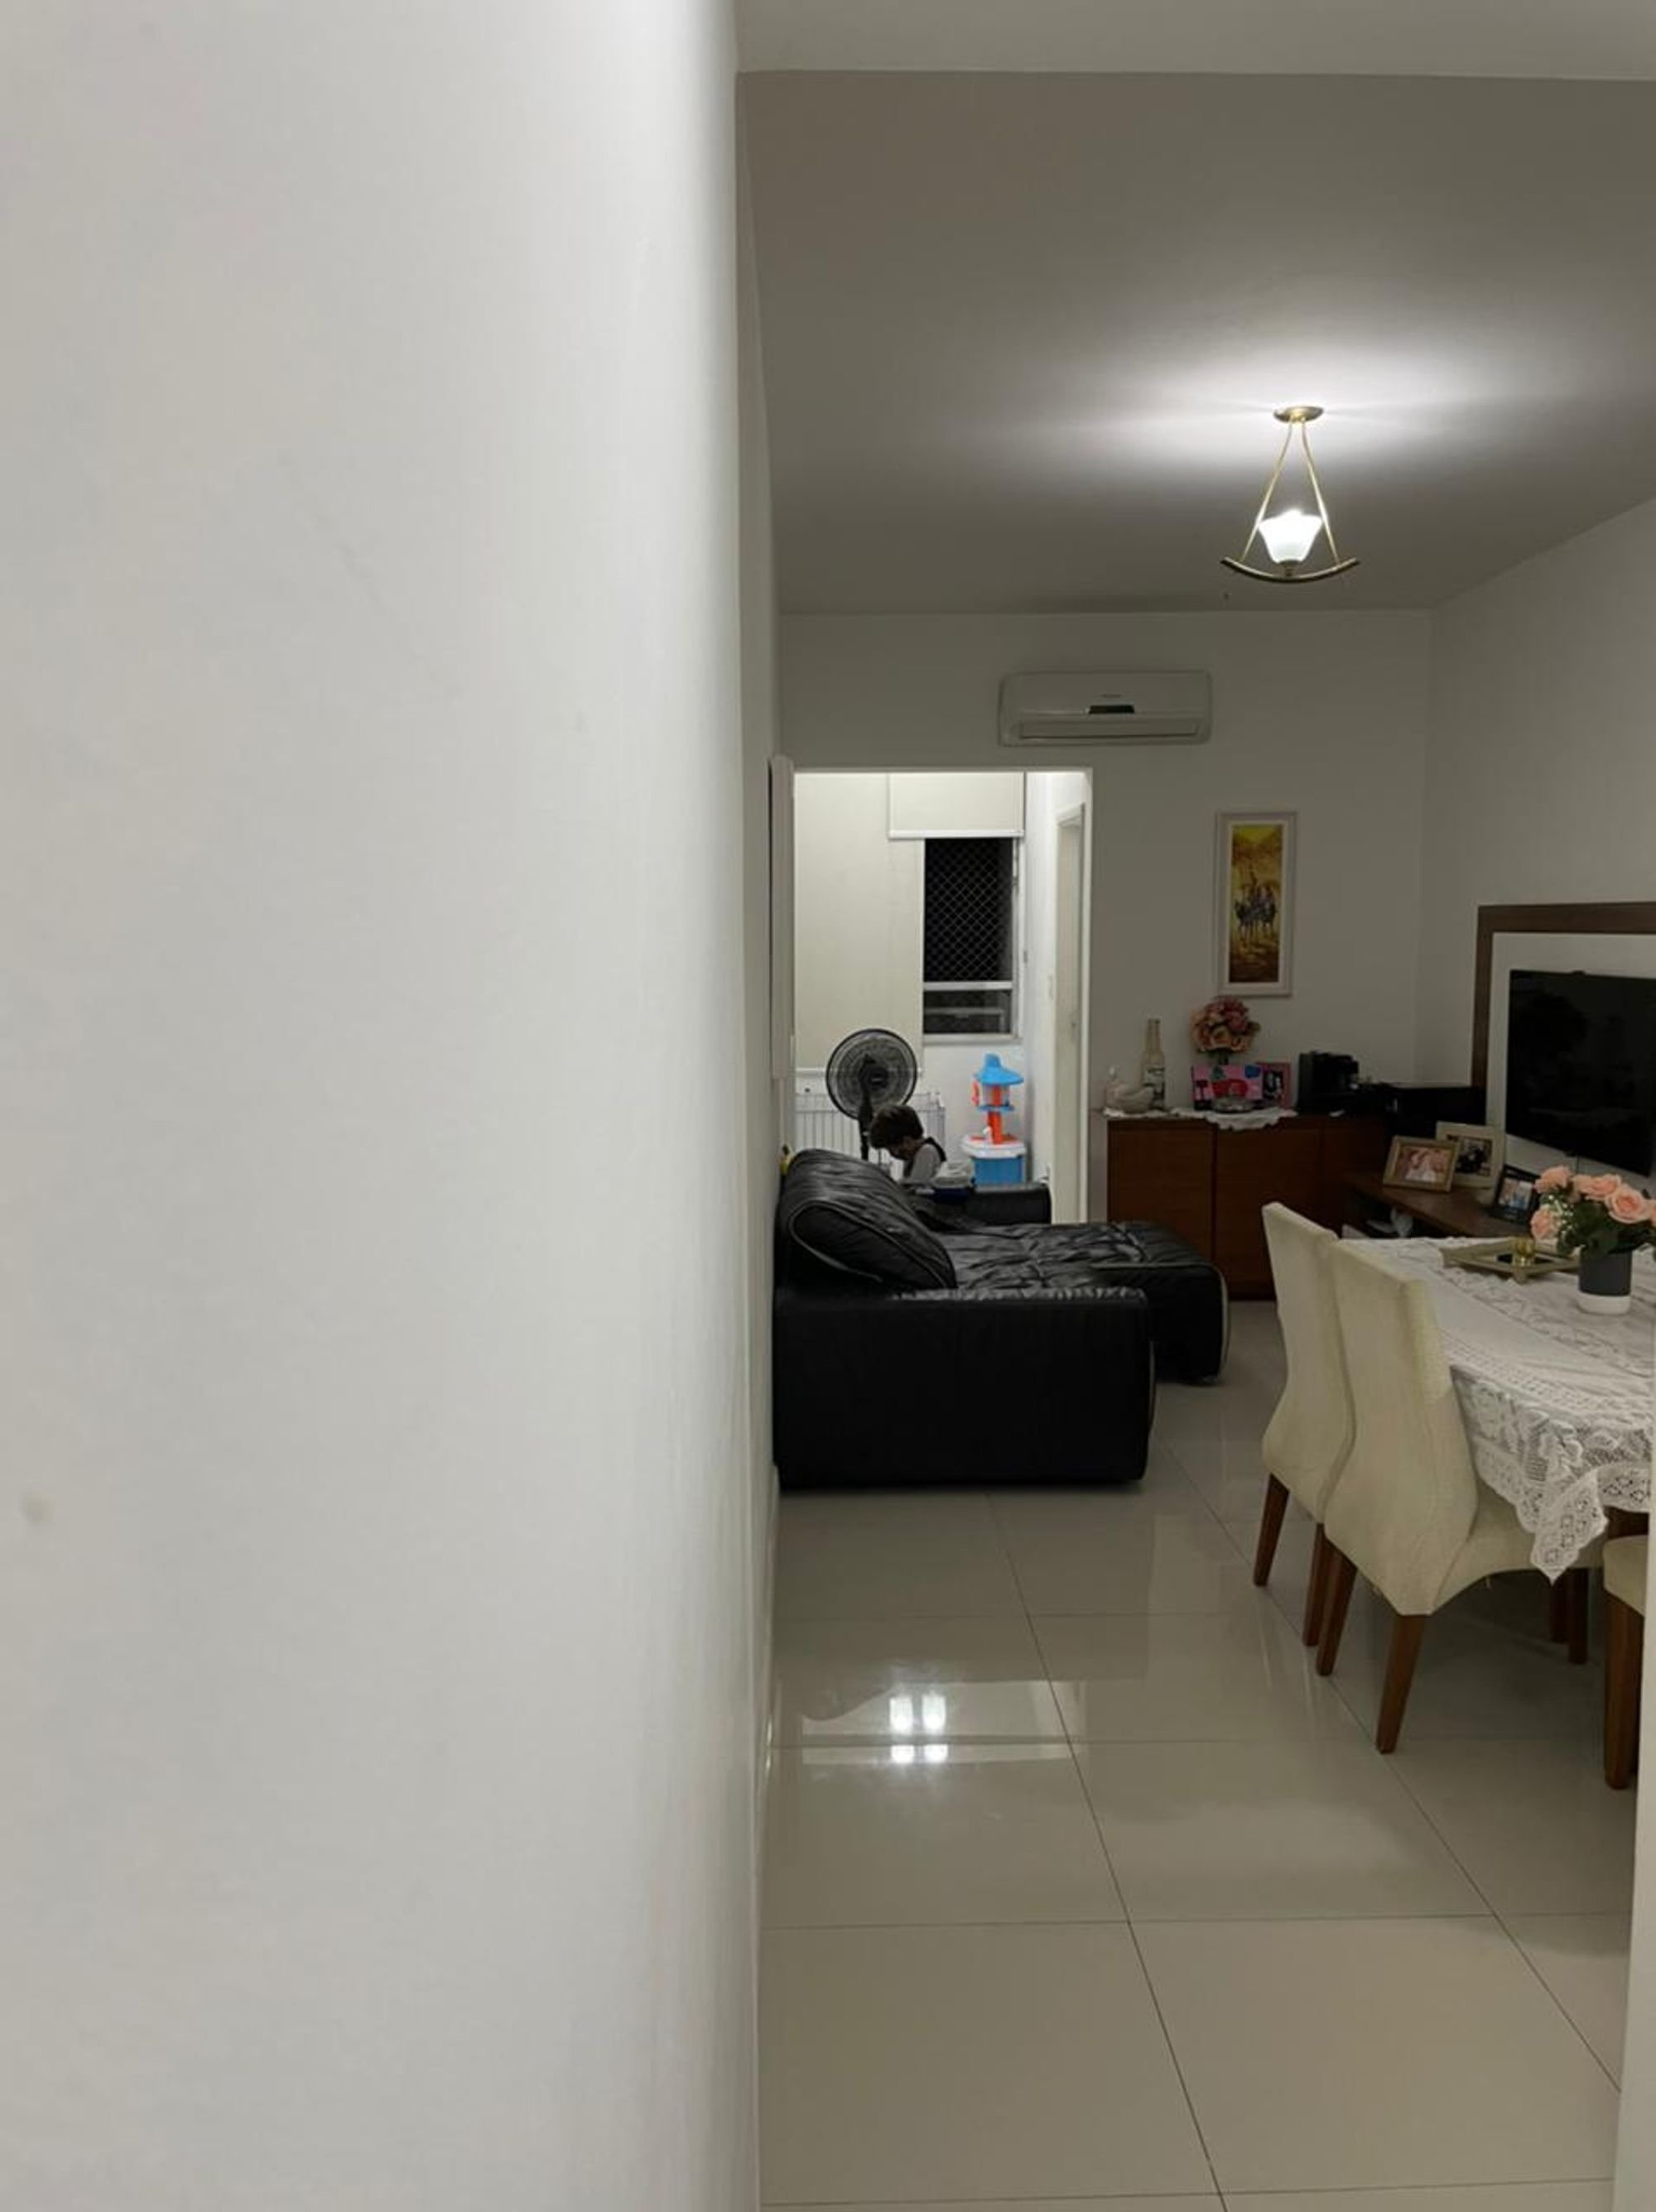 Foto de Sala com sofá, televisão, vaso, cadeira, pessoa